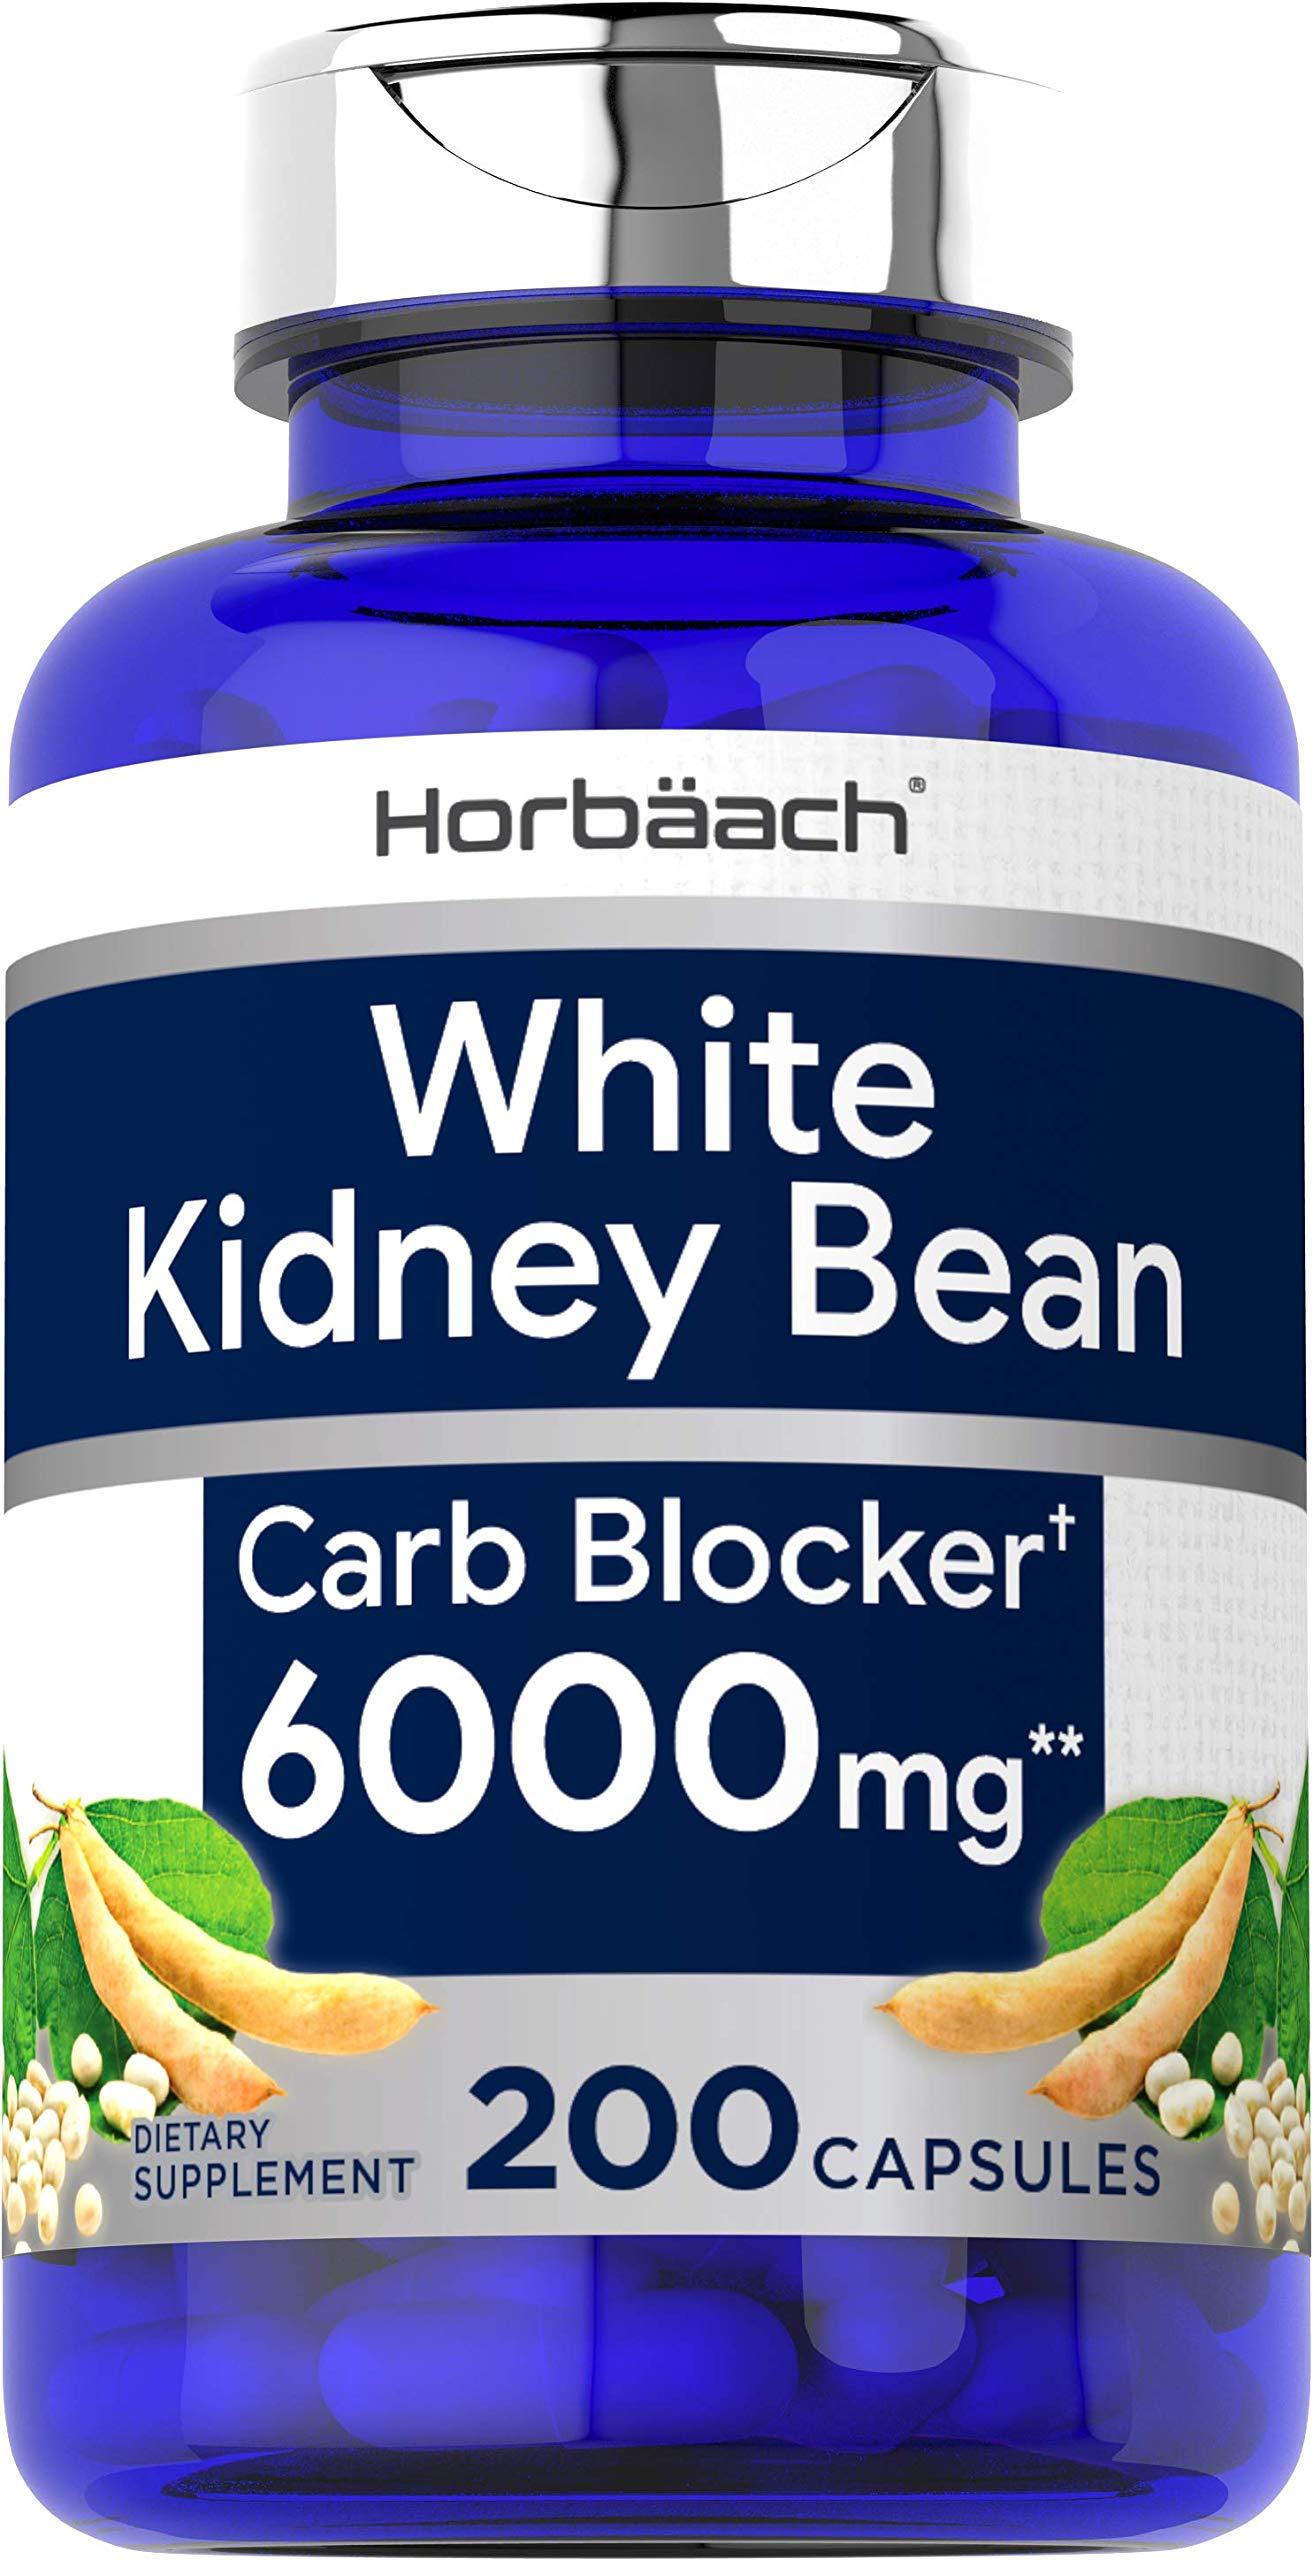 White Kidney Bean | 6000 mg 200 Capsules | by Horbaach